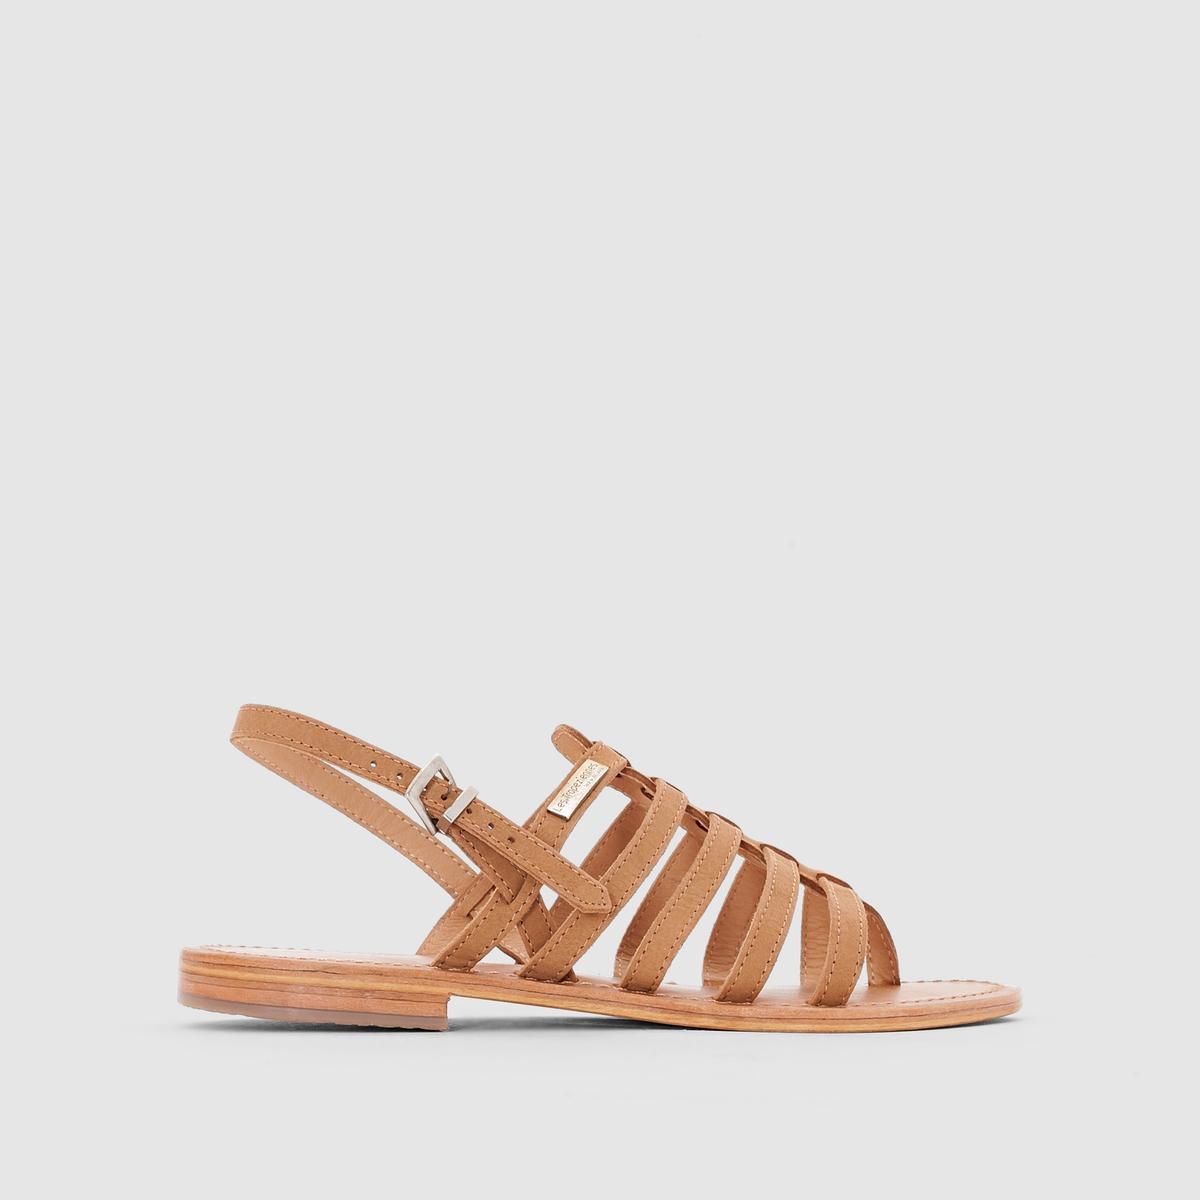 Босоножки кожаные на плоском каблуке Hook цены онлайн